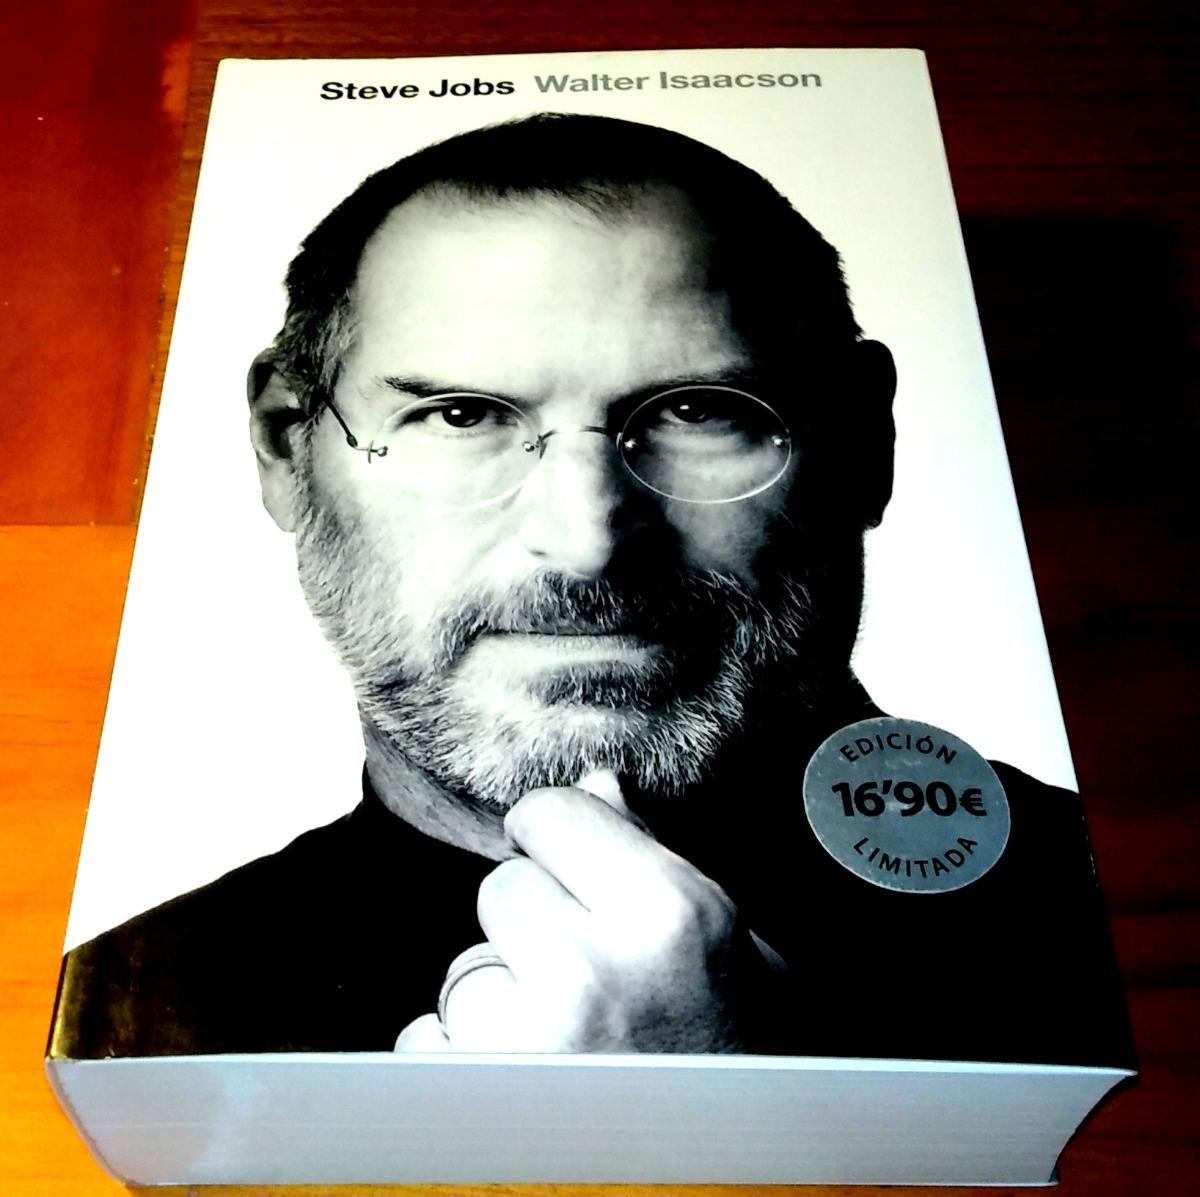 f51b7a6f46b Libro - Steve Jobs - Walter Isaacson - Biografia - $ 14.900 en ...